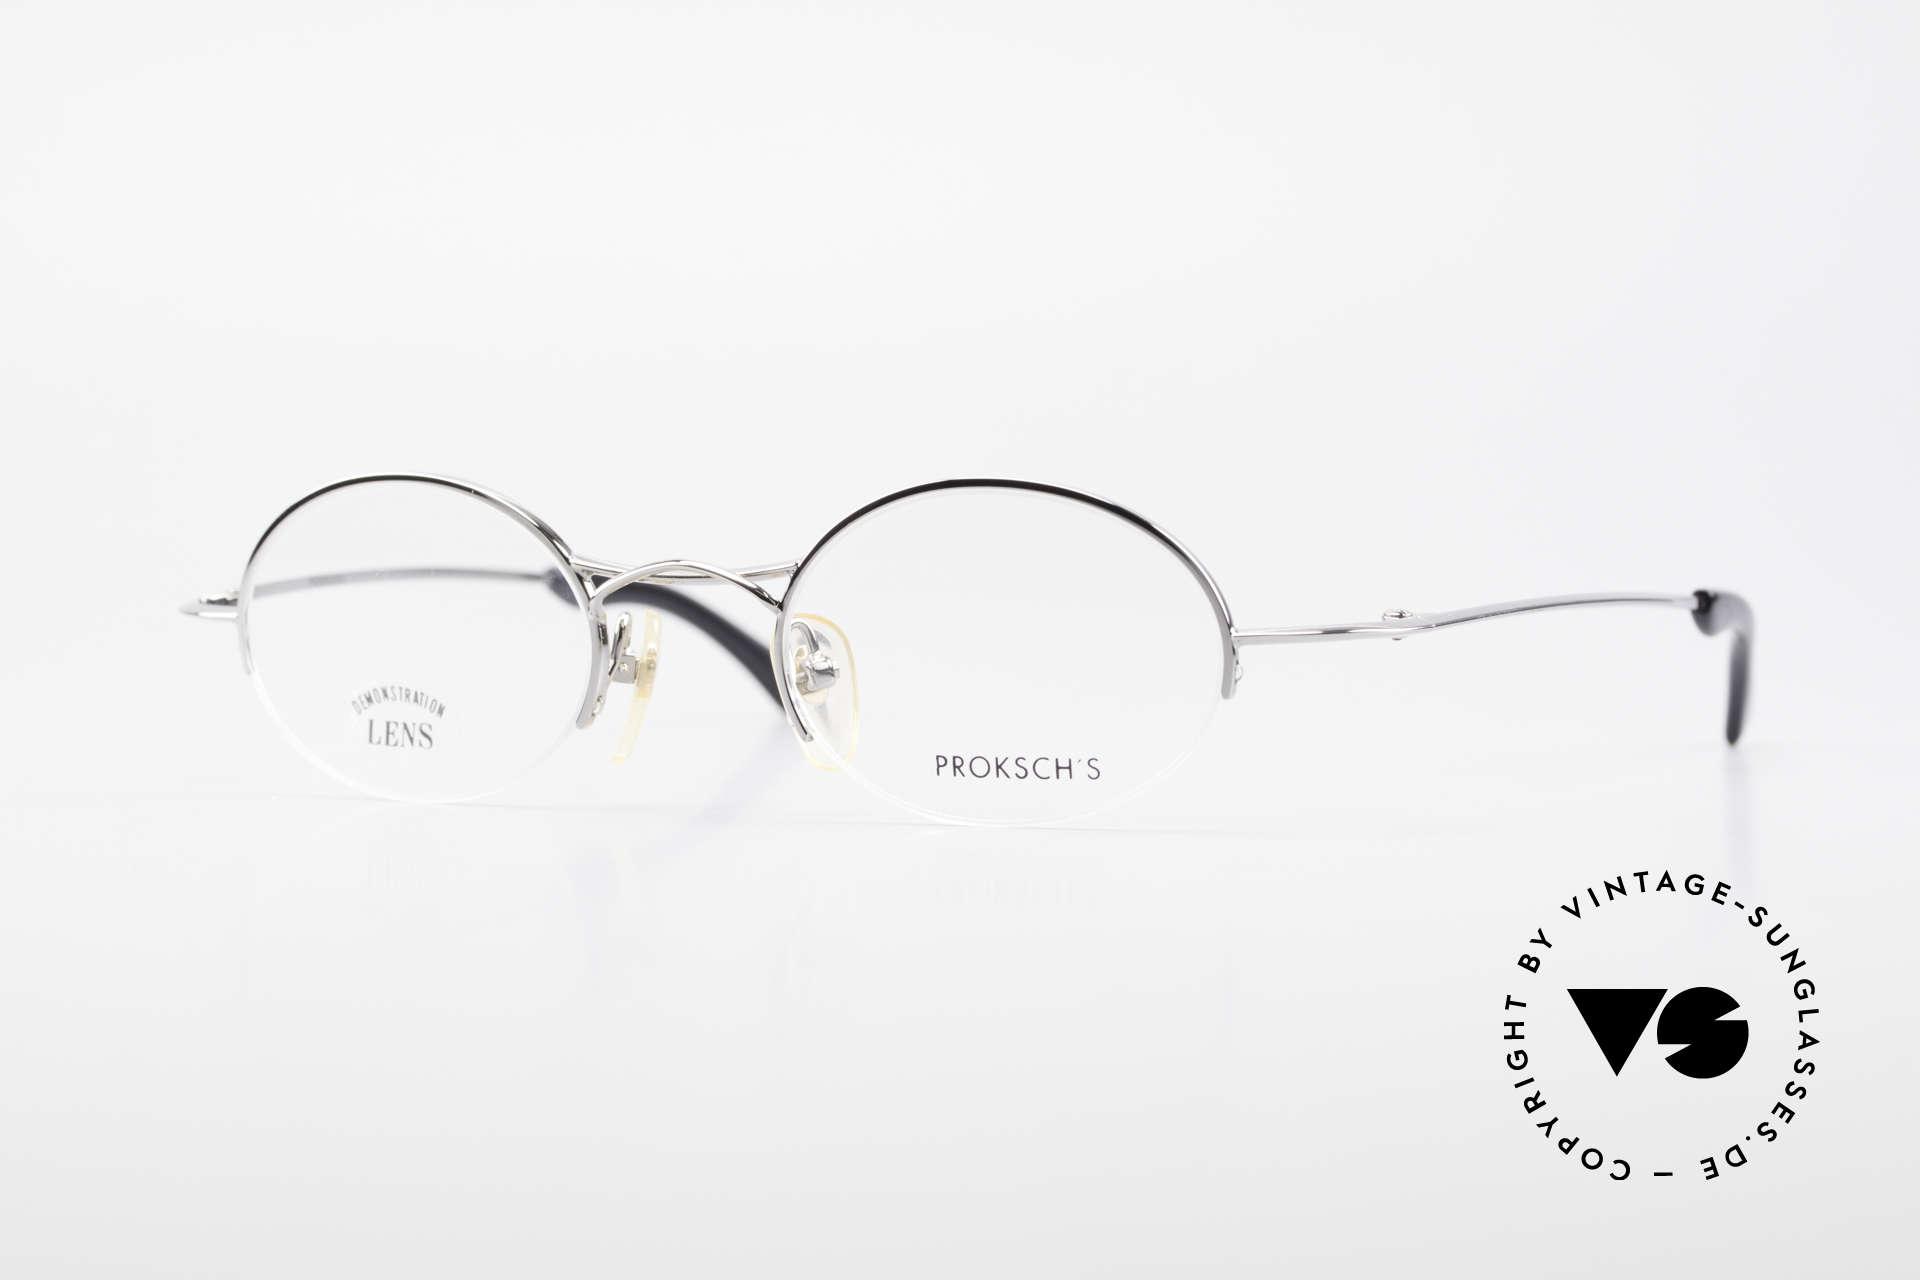 W Proksch's M35/2 Halb Randlos 90er Avantgarde, ovale Proksch's vintage Brillenfassung von 1995/96, Passend für Herren